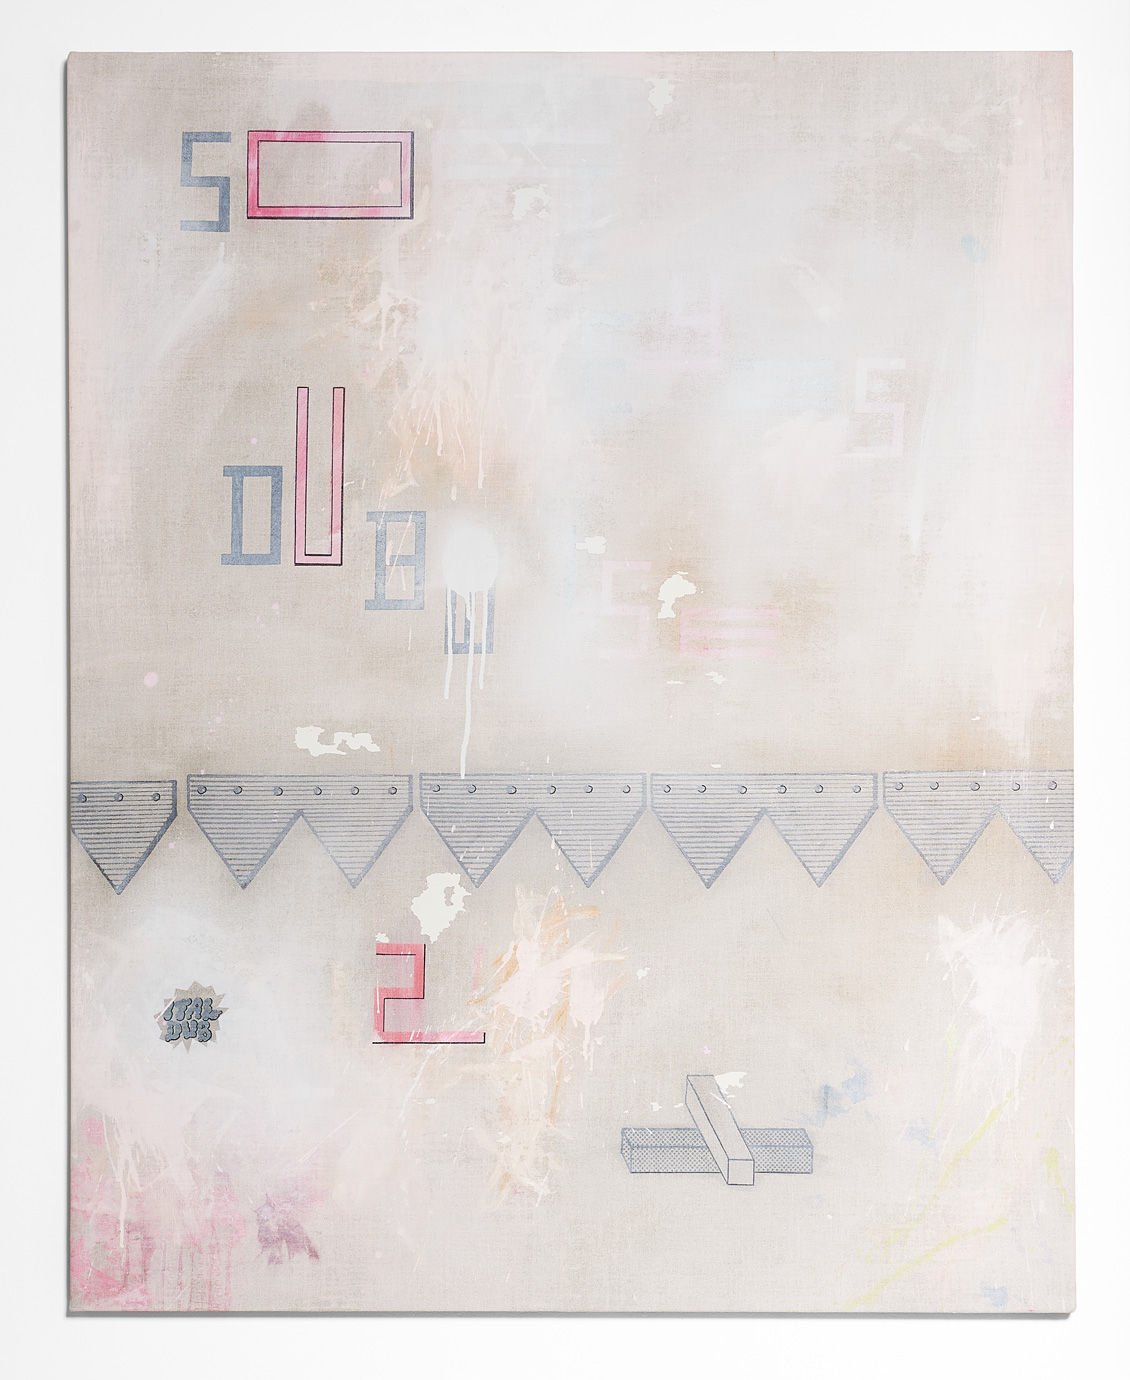 SARAH crowEST  SO DUB  2018 (#2 peach) acrylic on linen 127 × 102 cm